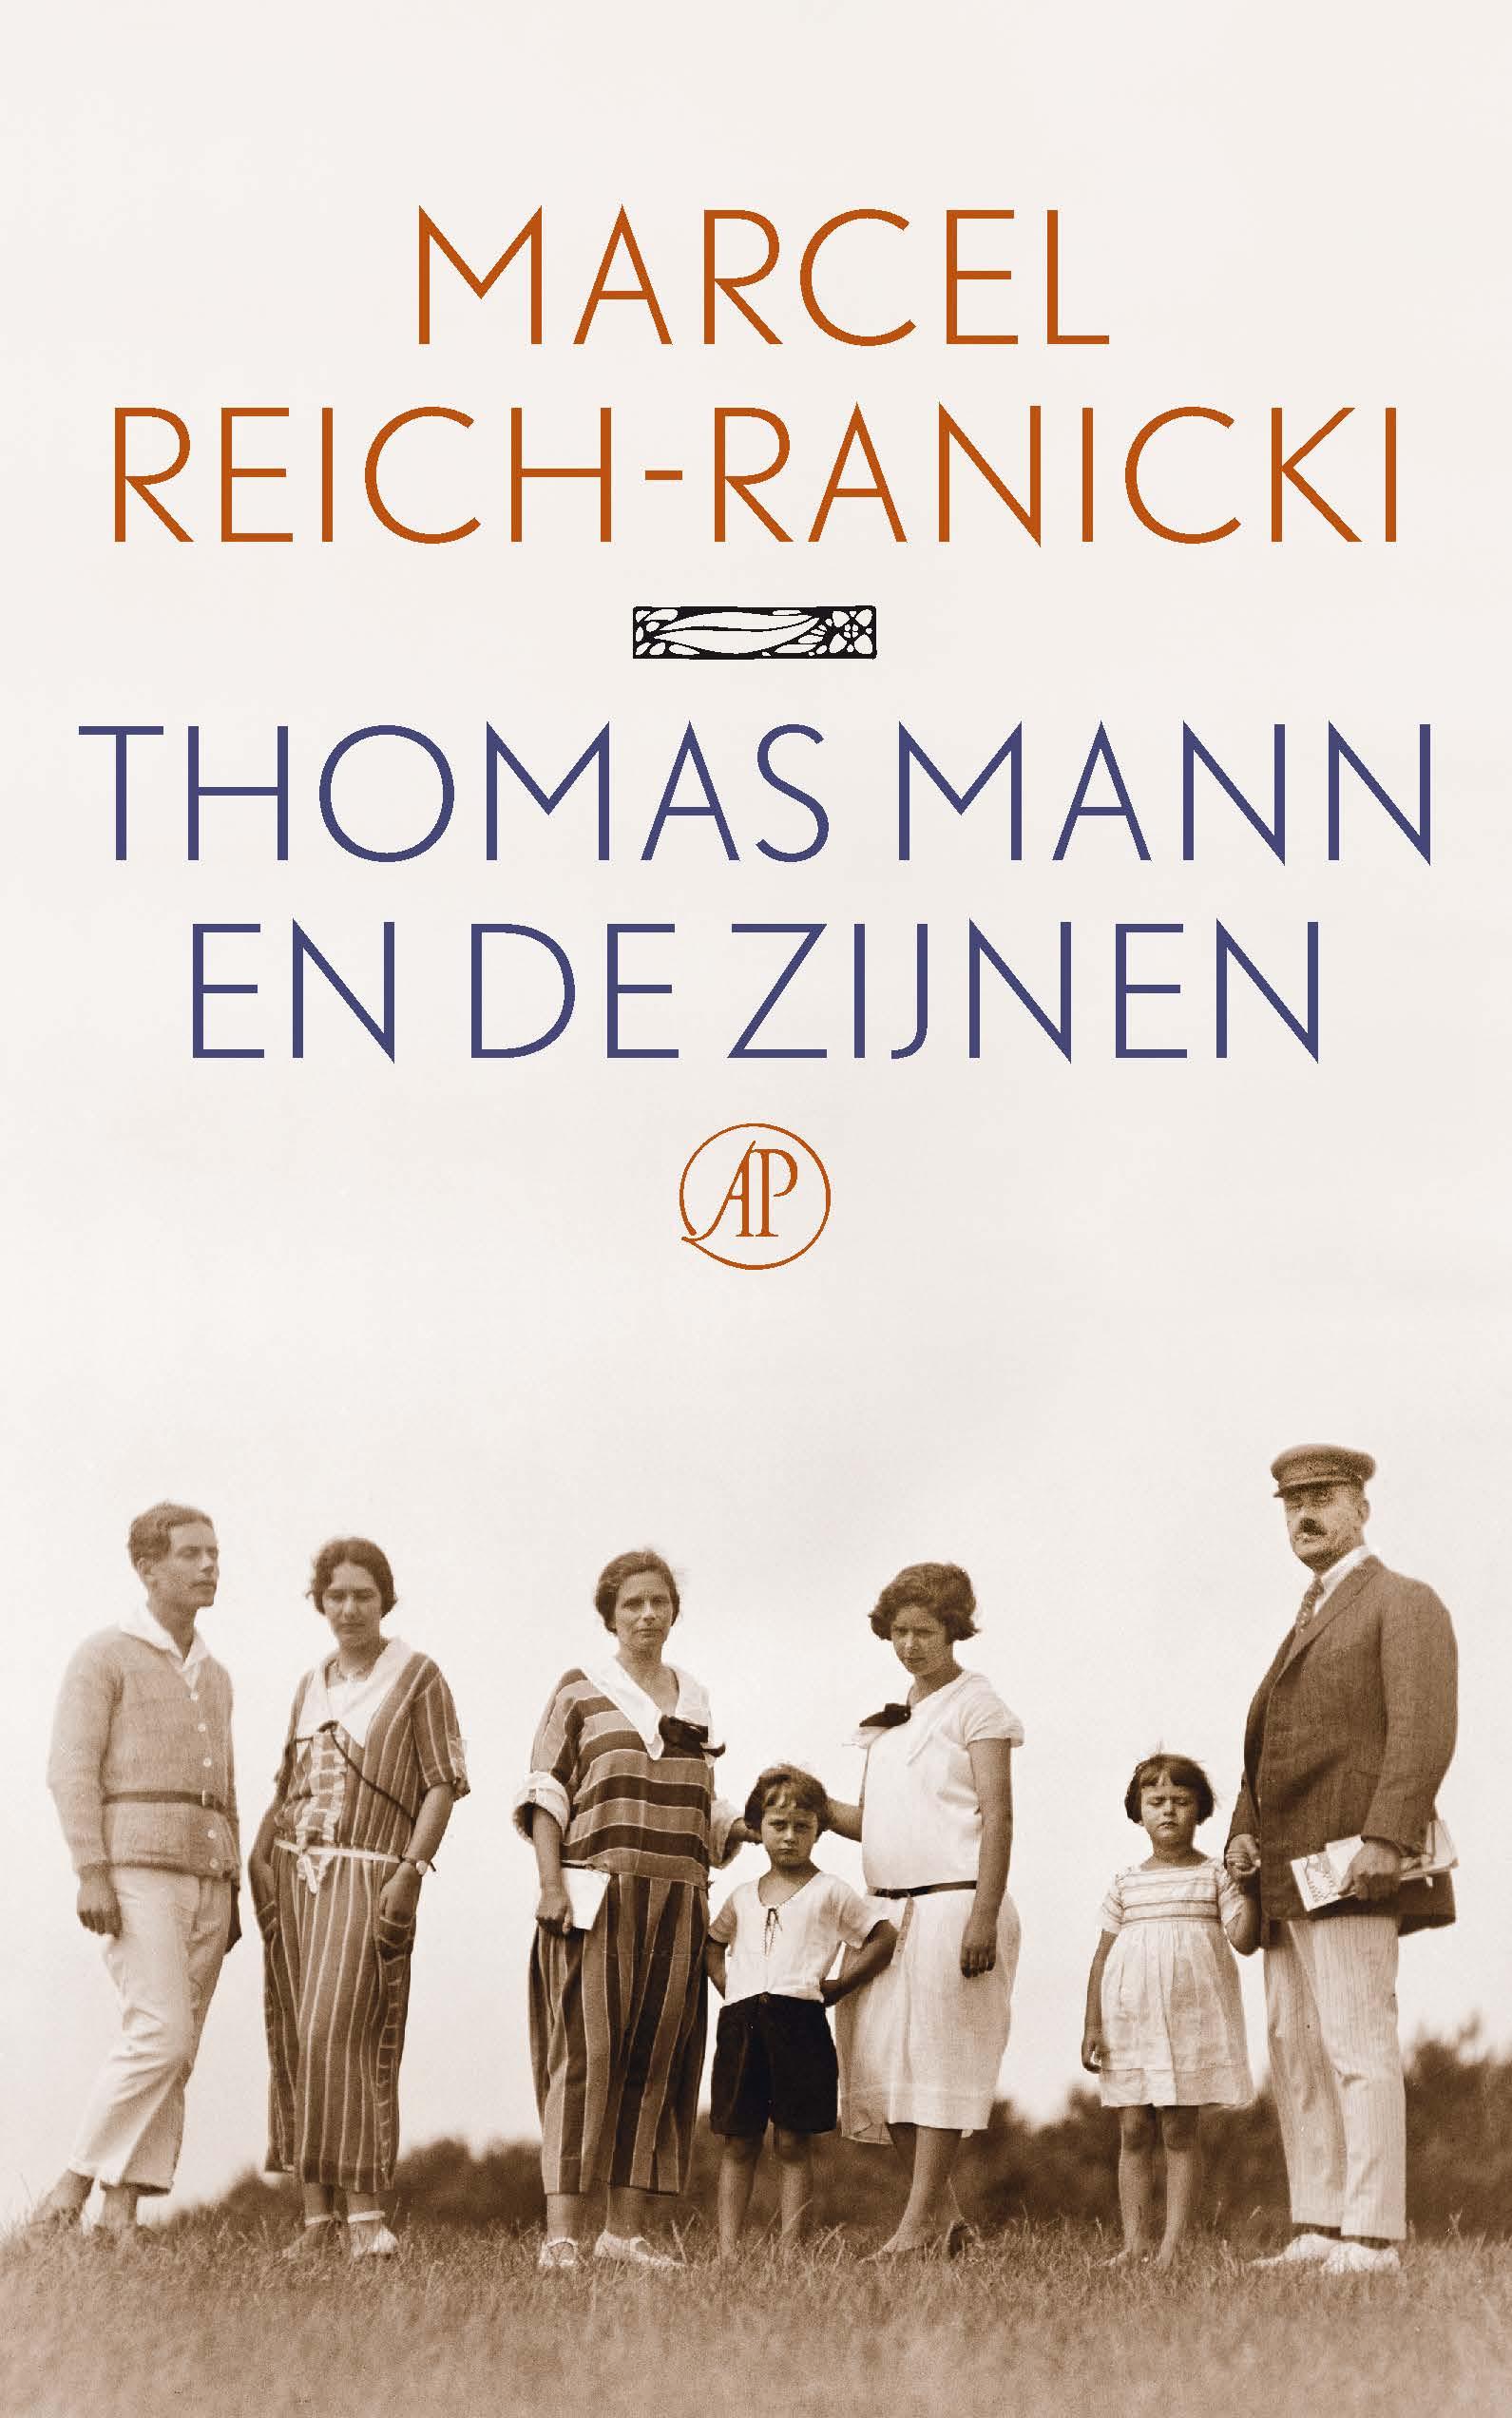 Thomas Mann en de zijnen - boekrecensie